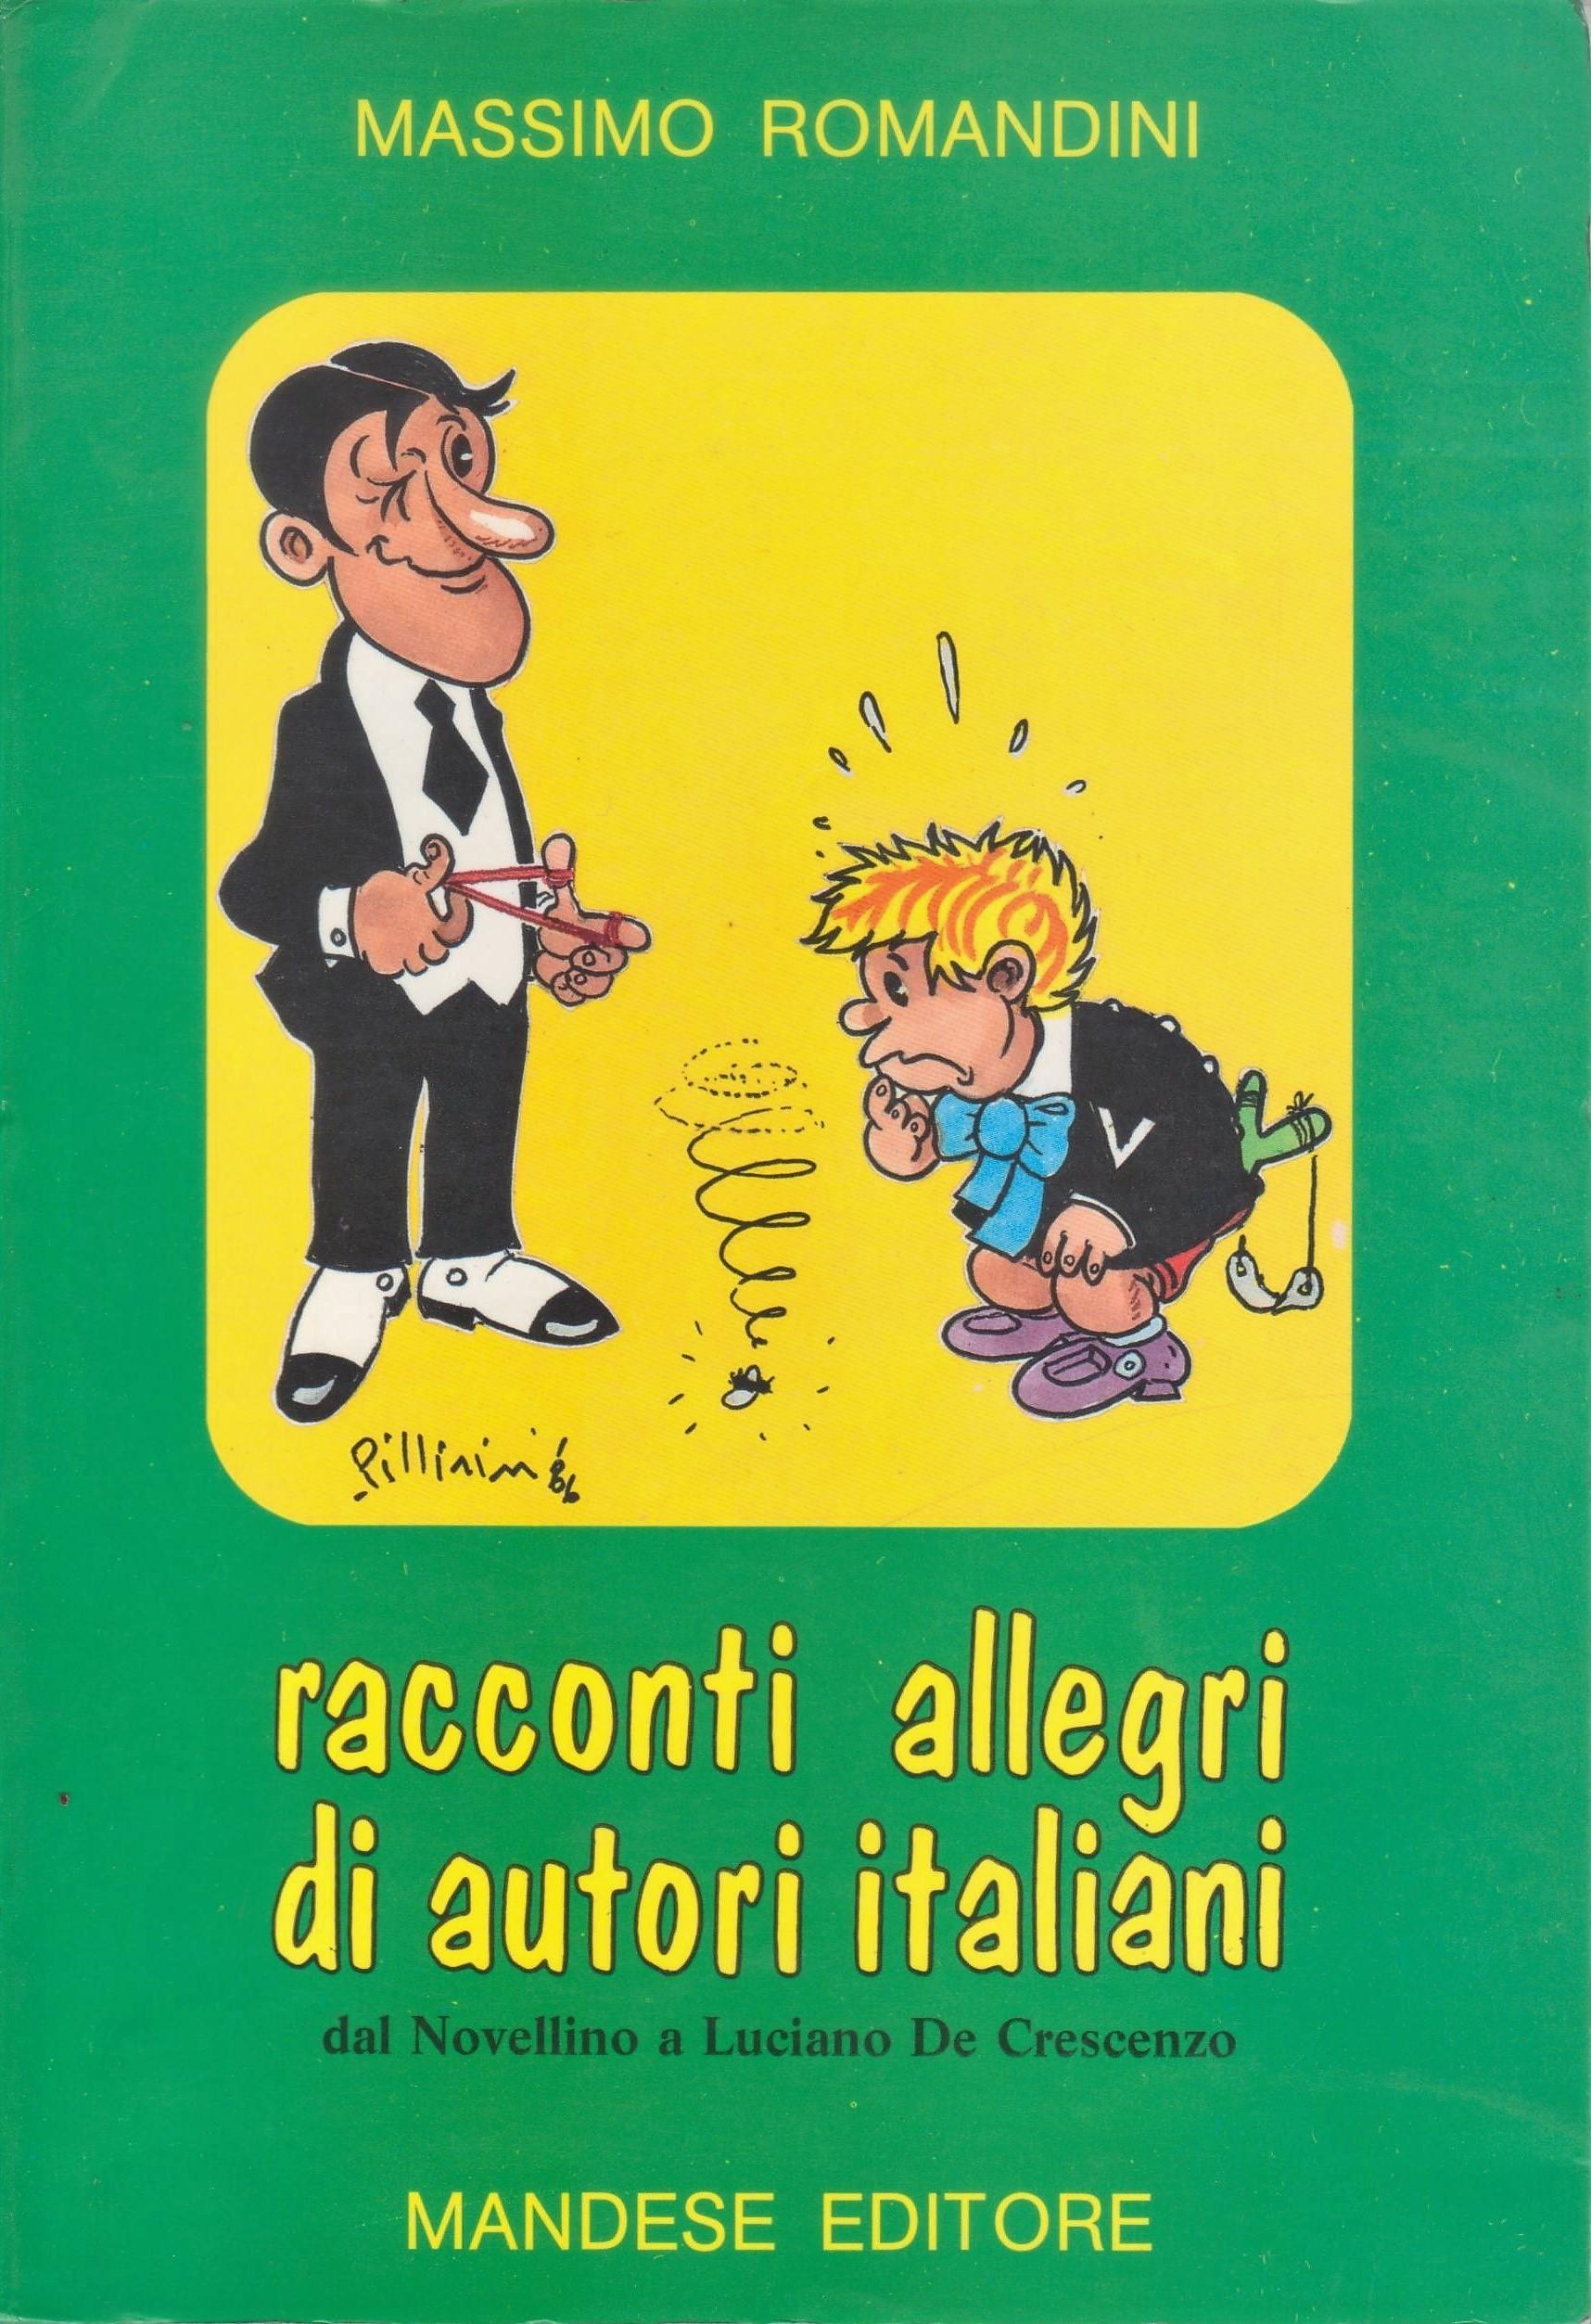 Racconti allegri di autori italiani